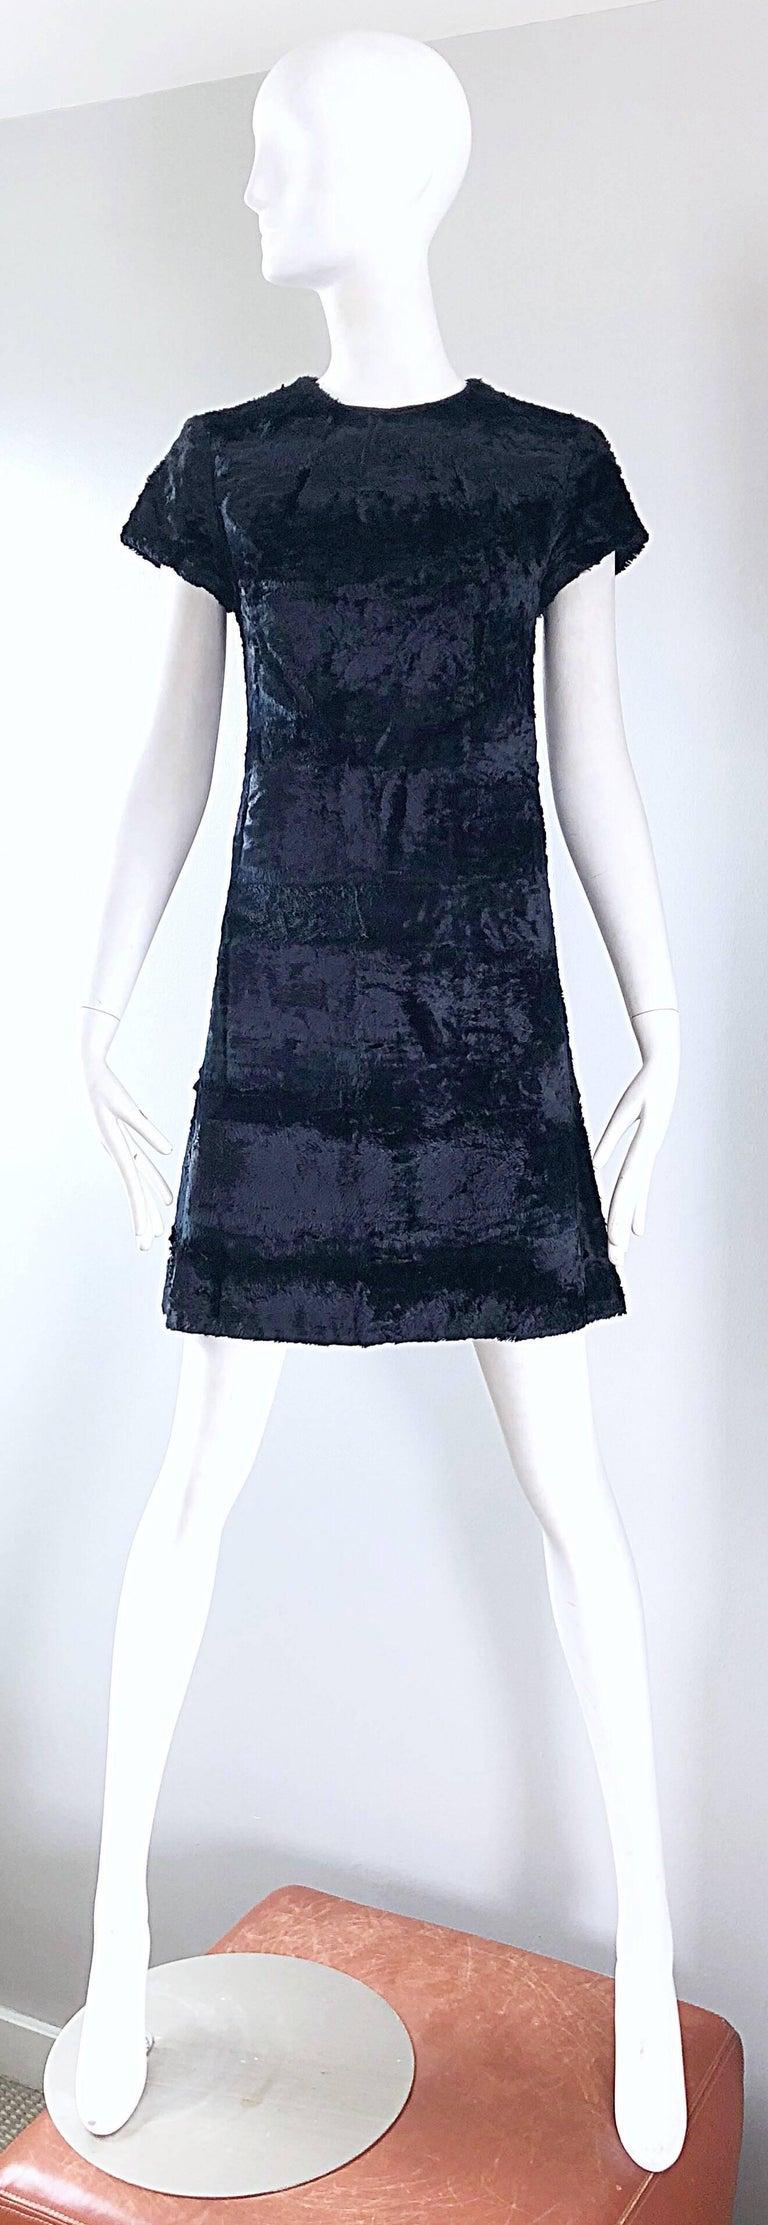 Chic 1960s Saks 5th Avenue Faux Fur Black Shift A - Line Mod Vintage 60s Dress For Sale 11